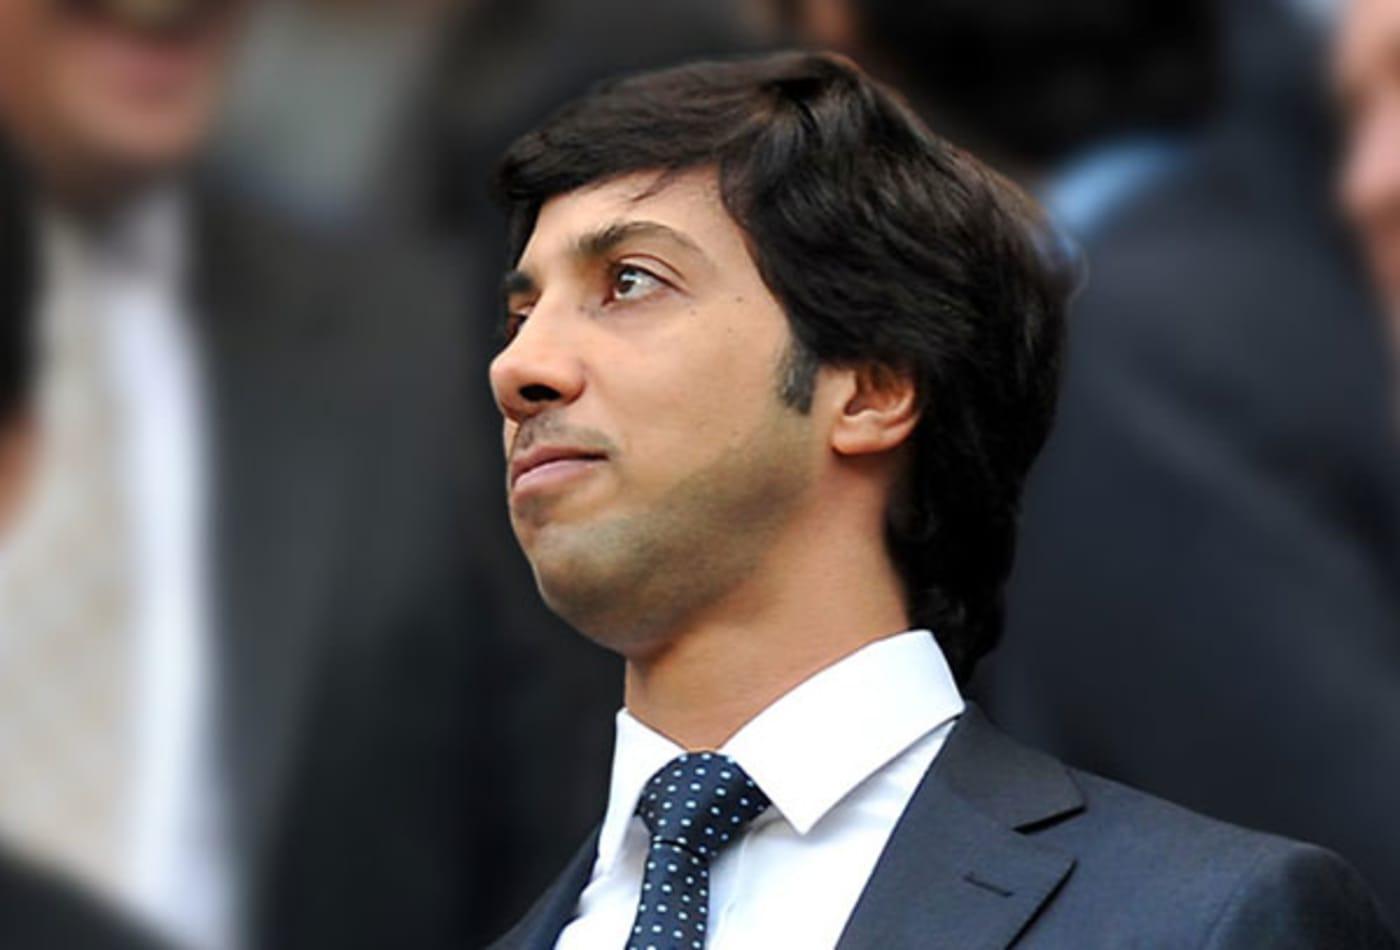 Sheikh-Mansour-Billionaire-Sports-Team-Owners-CNBC.jpg